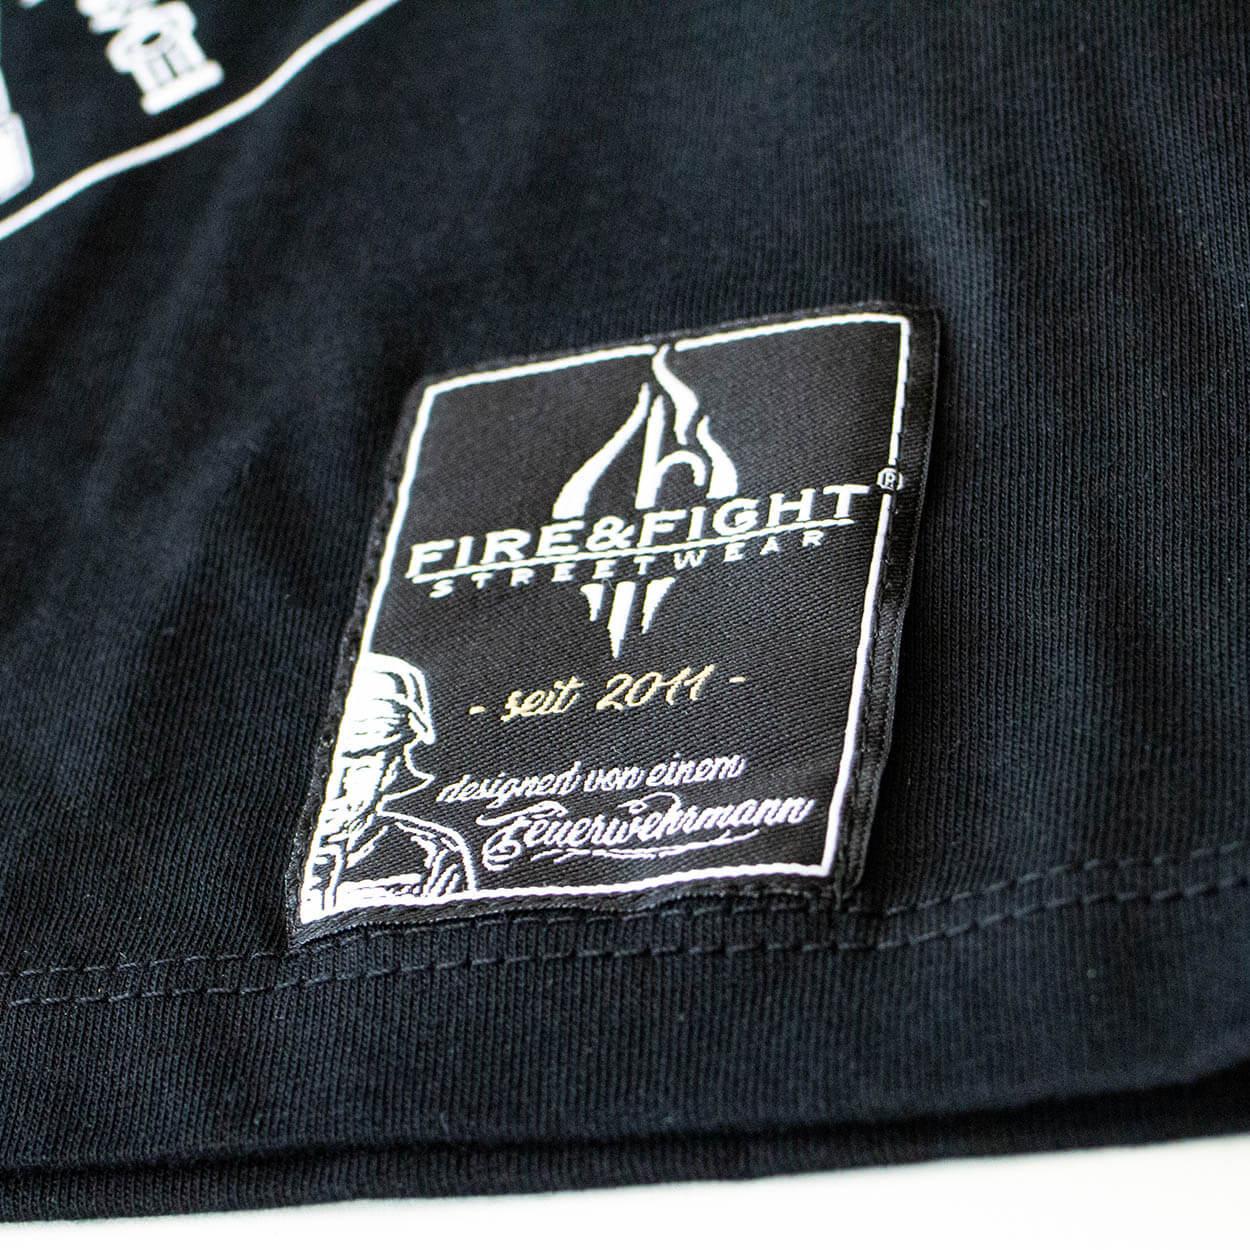 Firefighter for Life - Männer T-Shirt schwarz